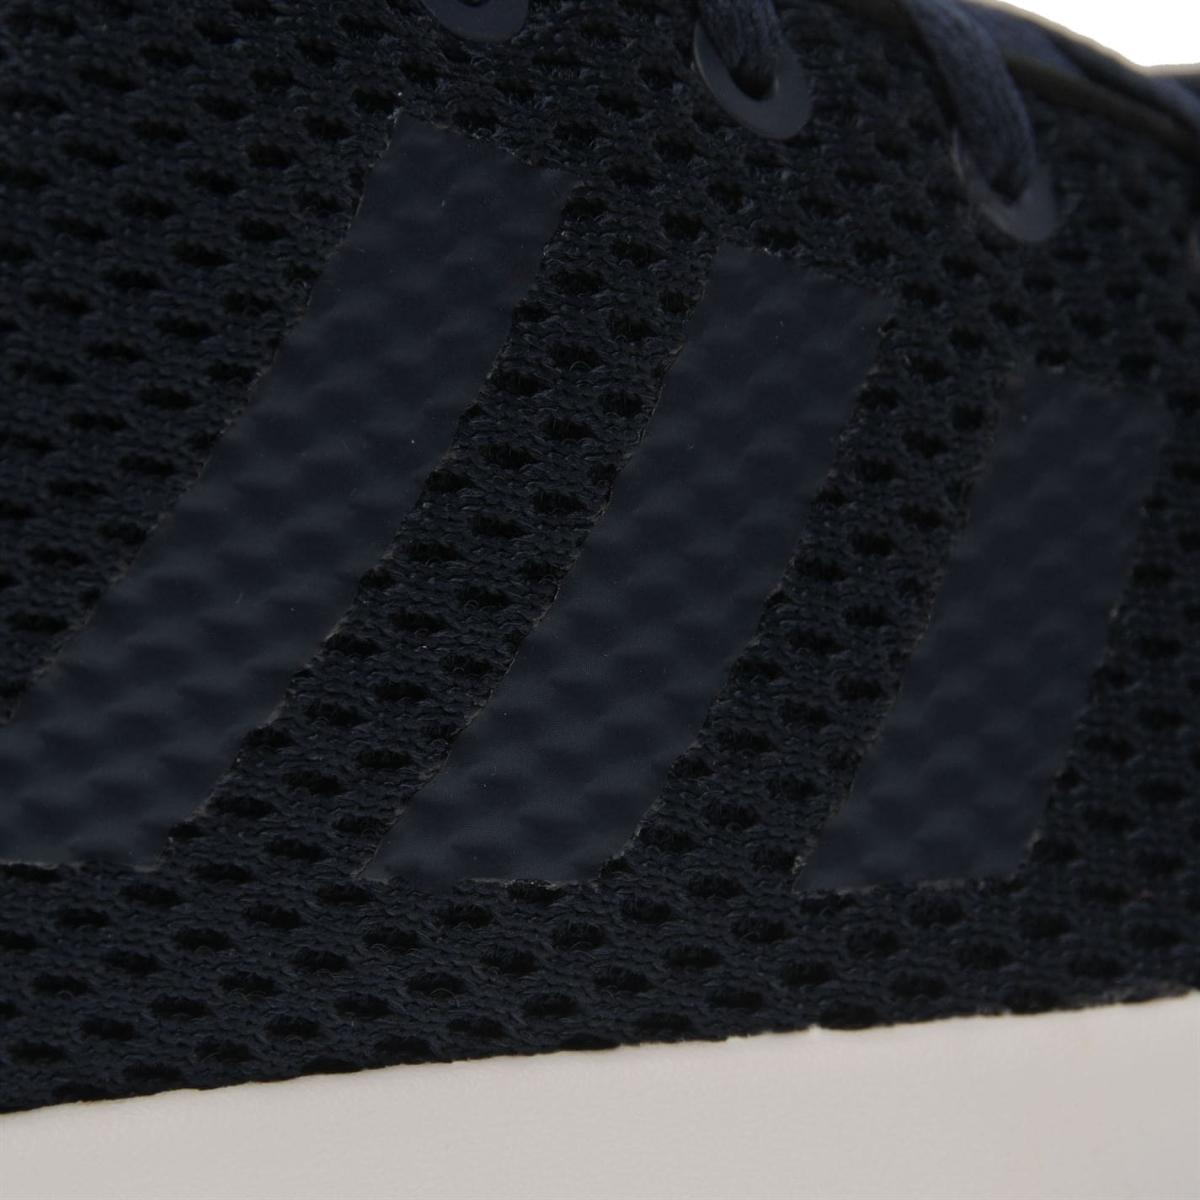 adidas Cloudfoam Racer Herren Turnschuhe Sportschuhe Nvy_Nvy_Blk_Blu